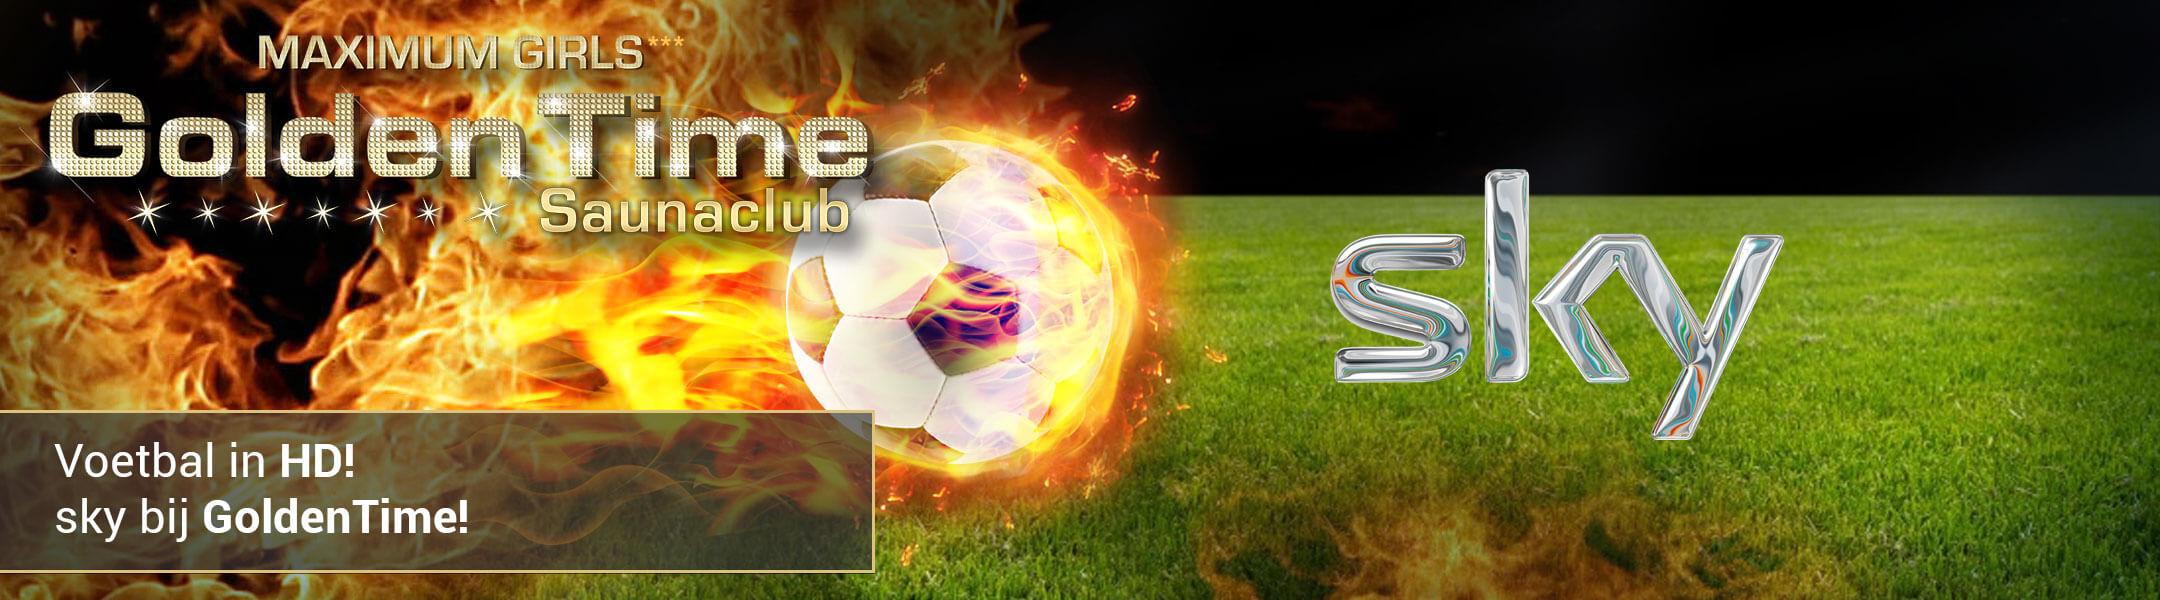 Voetbal in HD! Sky bij GoldenTime!